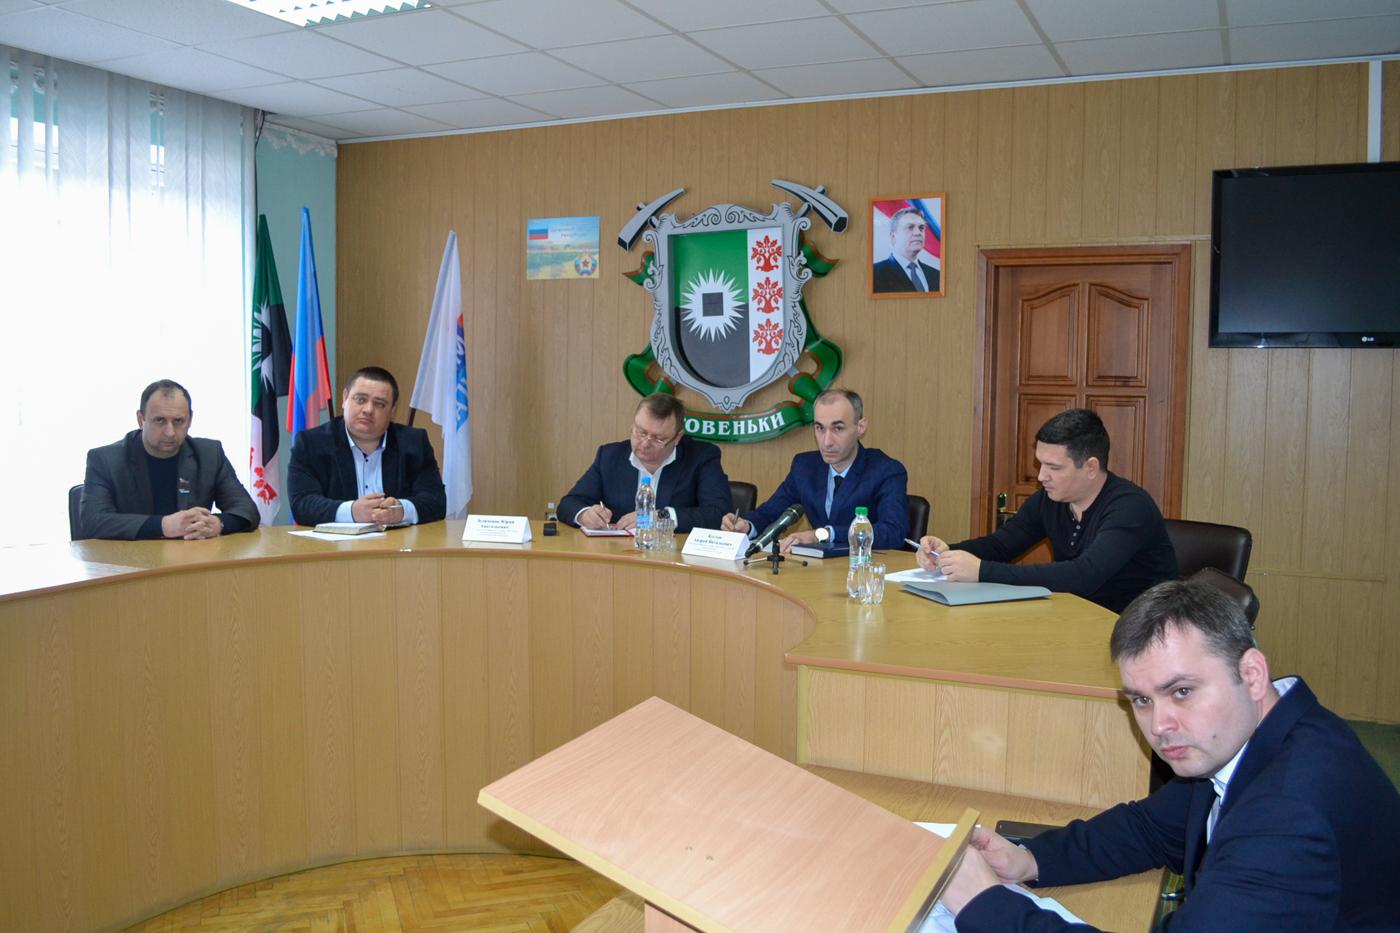 Прием Министра топлива, энергетики и угольной промышленности ЛНР прошел в Ровеньках 3